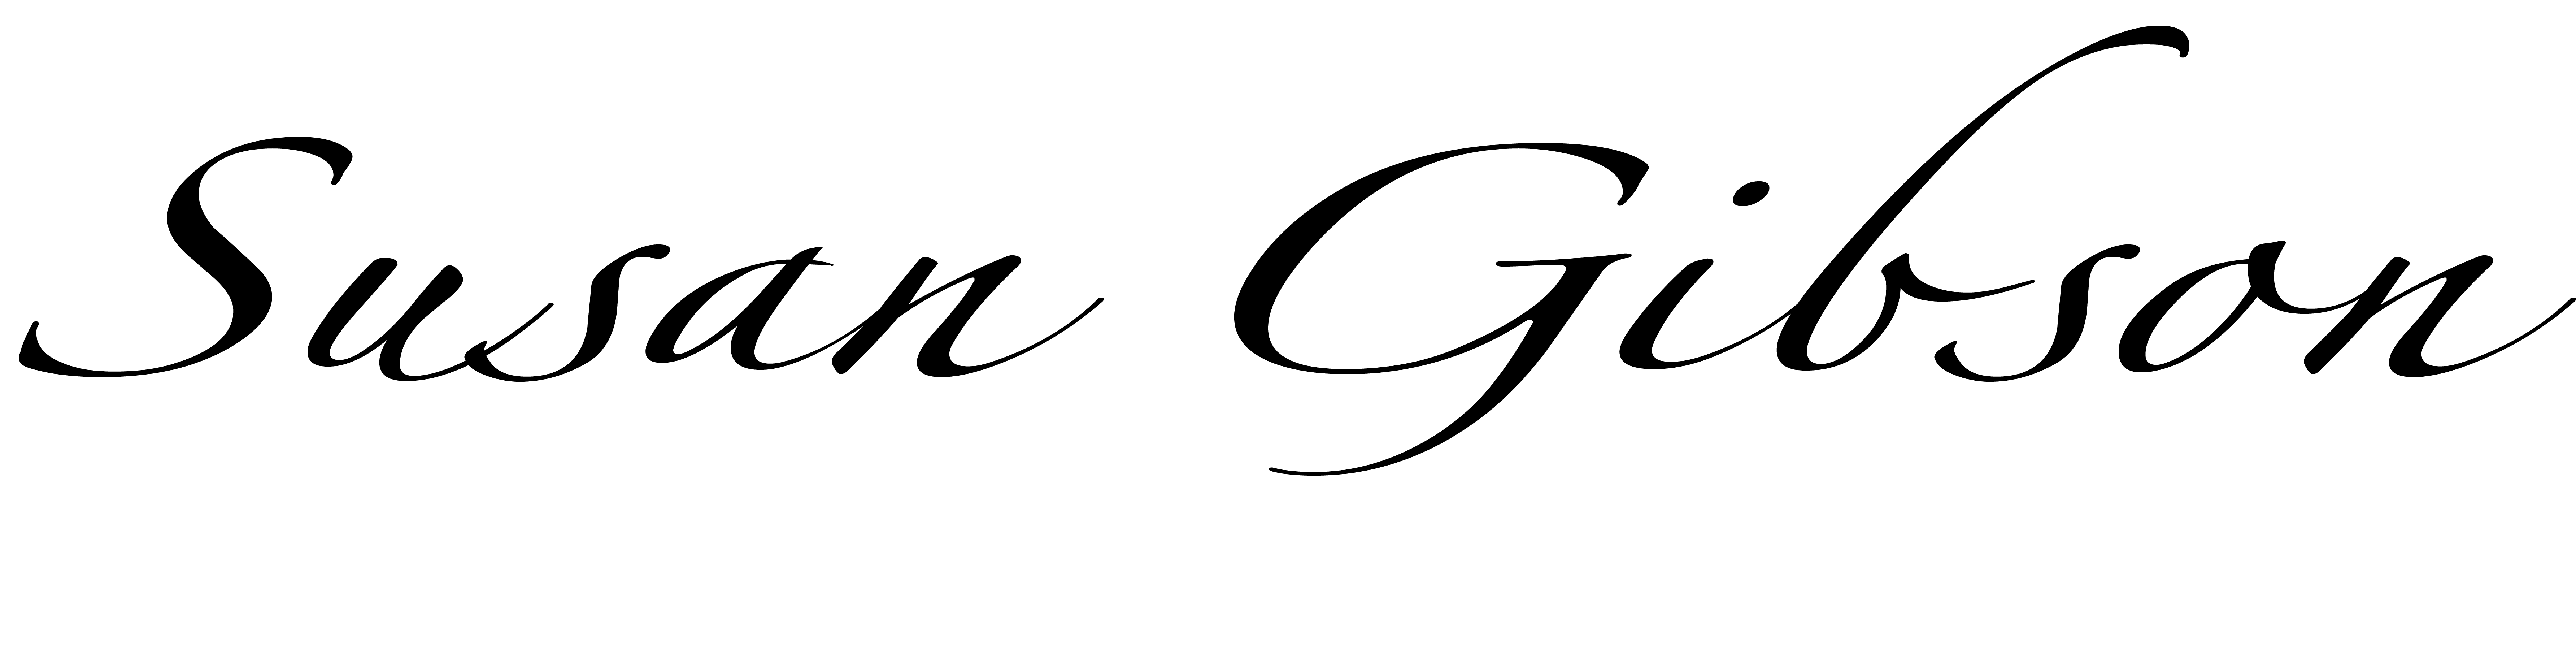 susan gibson's Signature